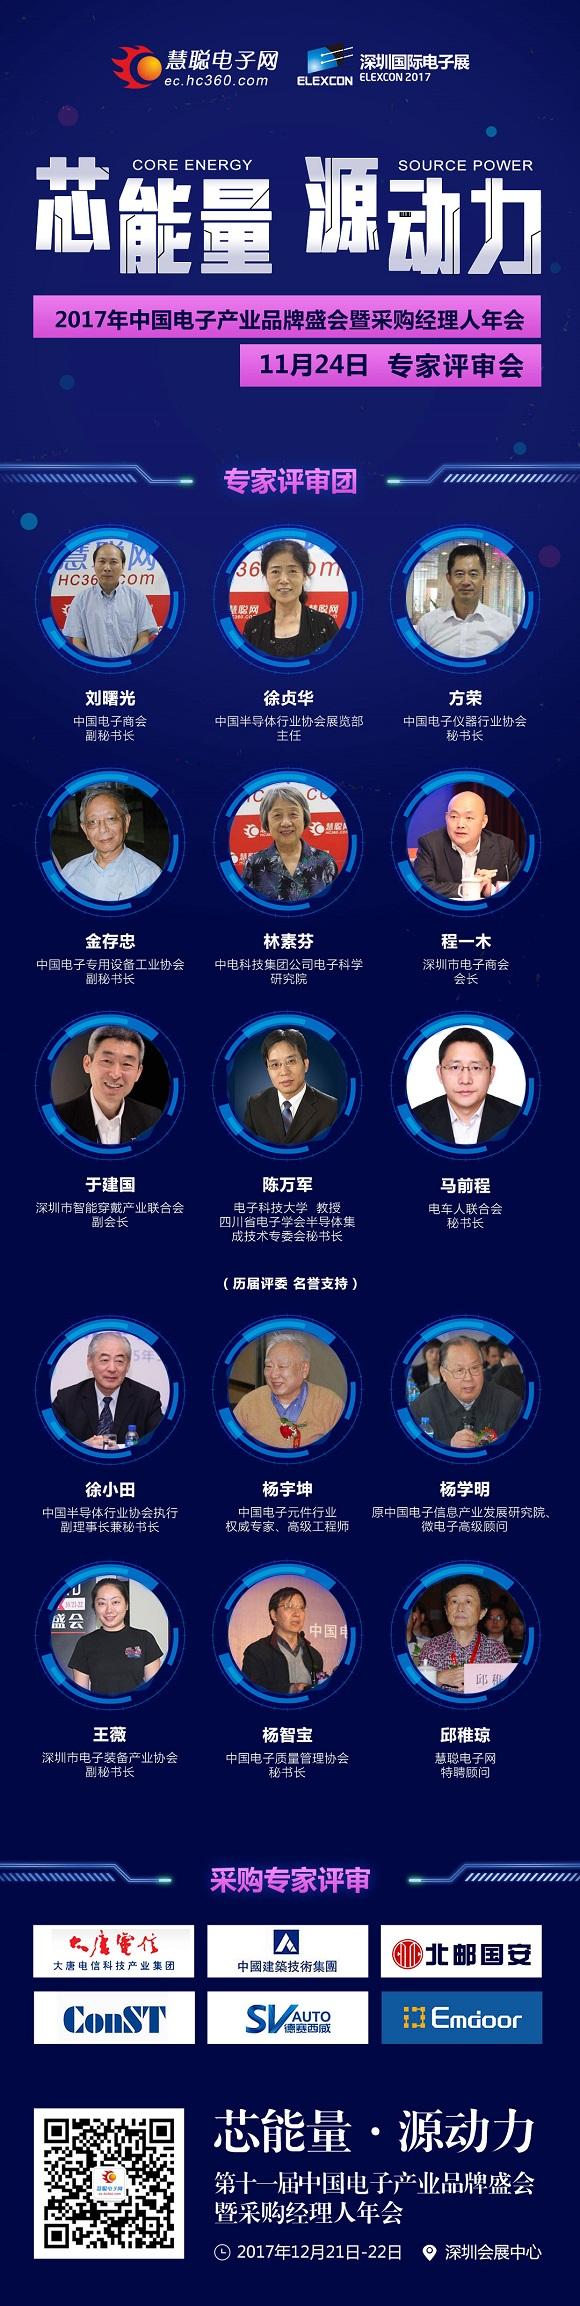 """千锤百炼锻造荣耀品牌盛会专家评审团迎三大""""新变"""""""